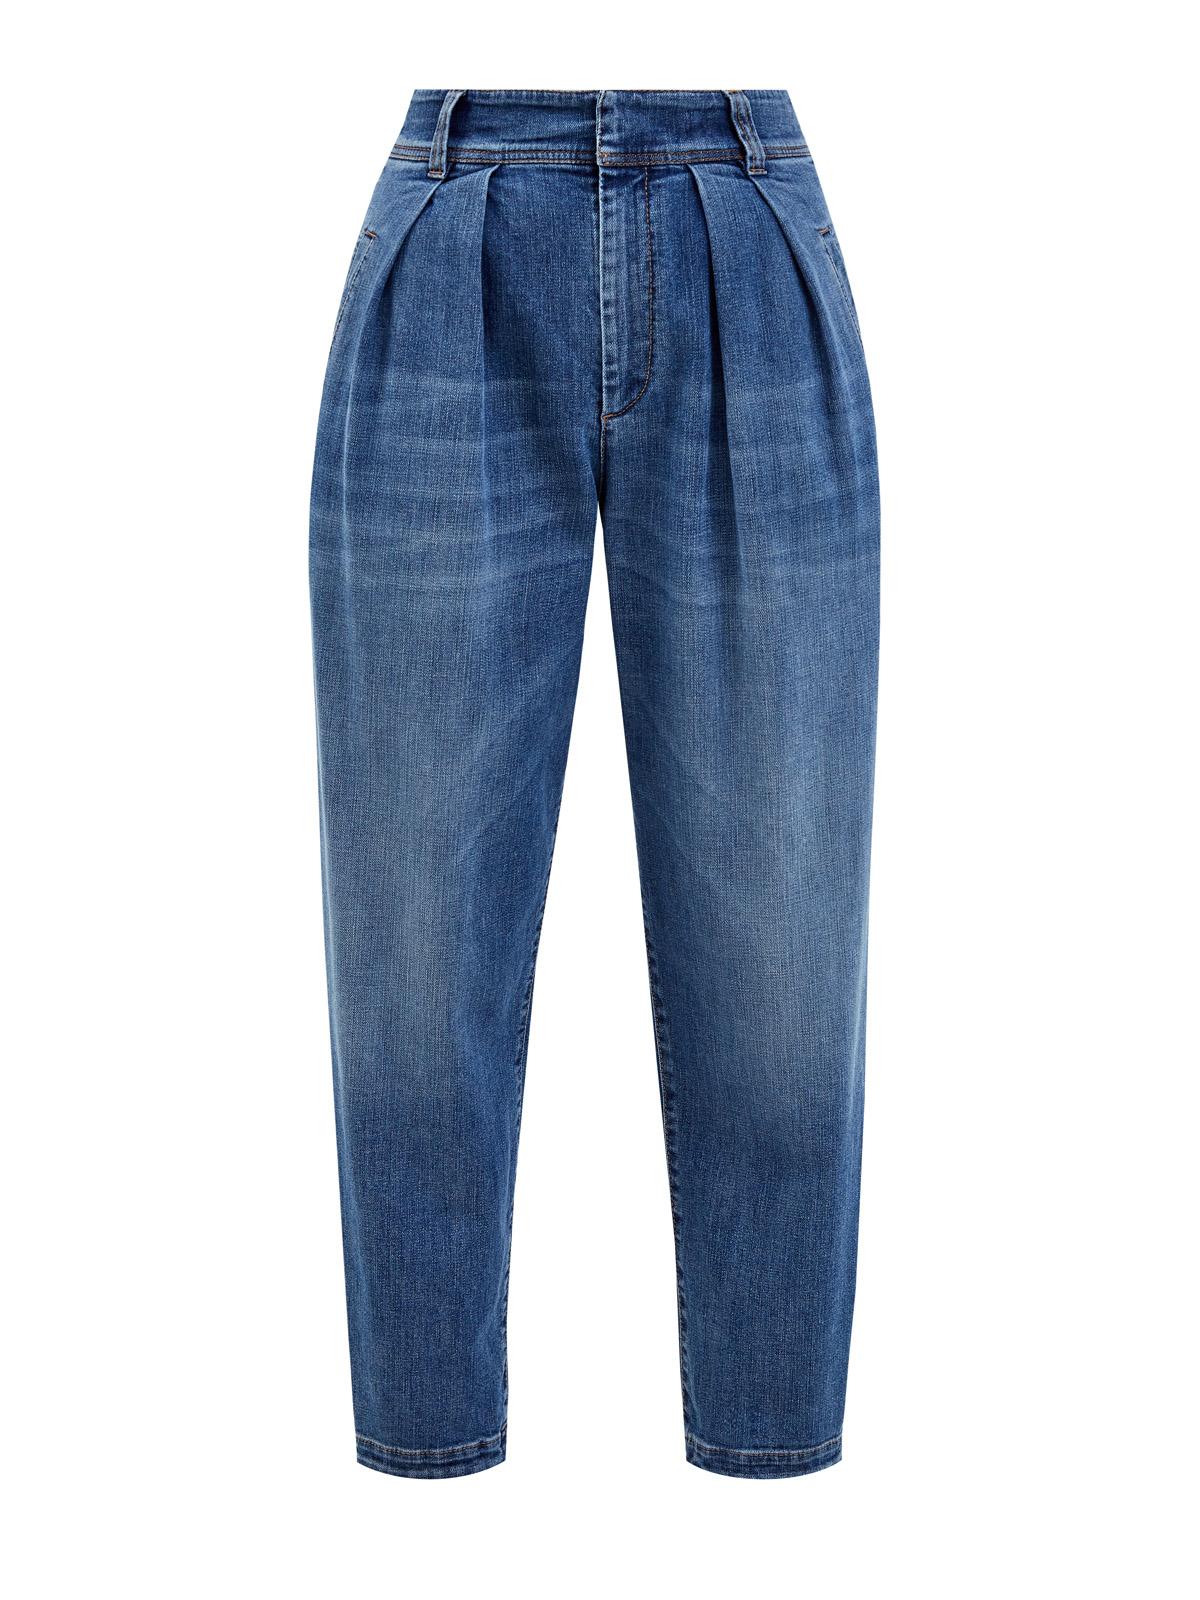 Укороченные джинсы Slouchy с выбеленным эффектом ручной работы